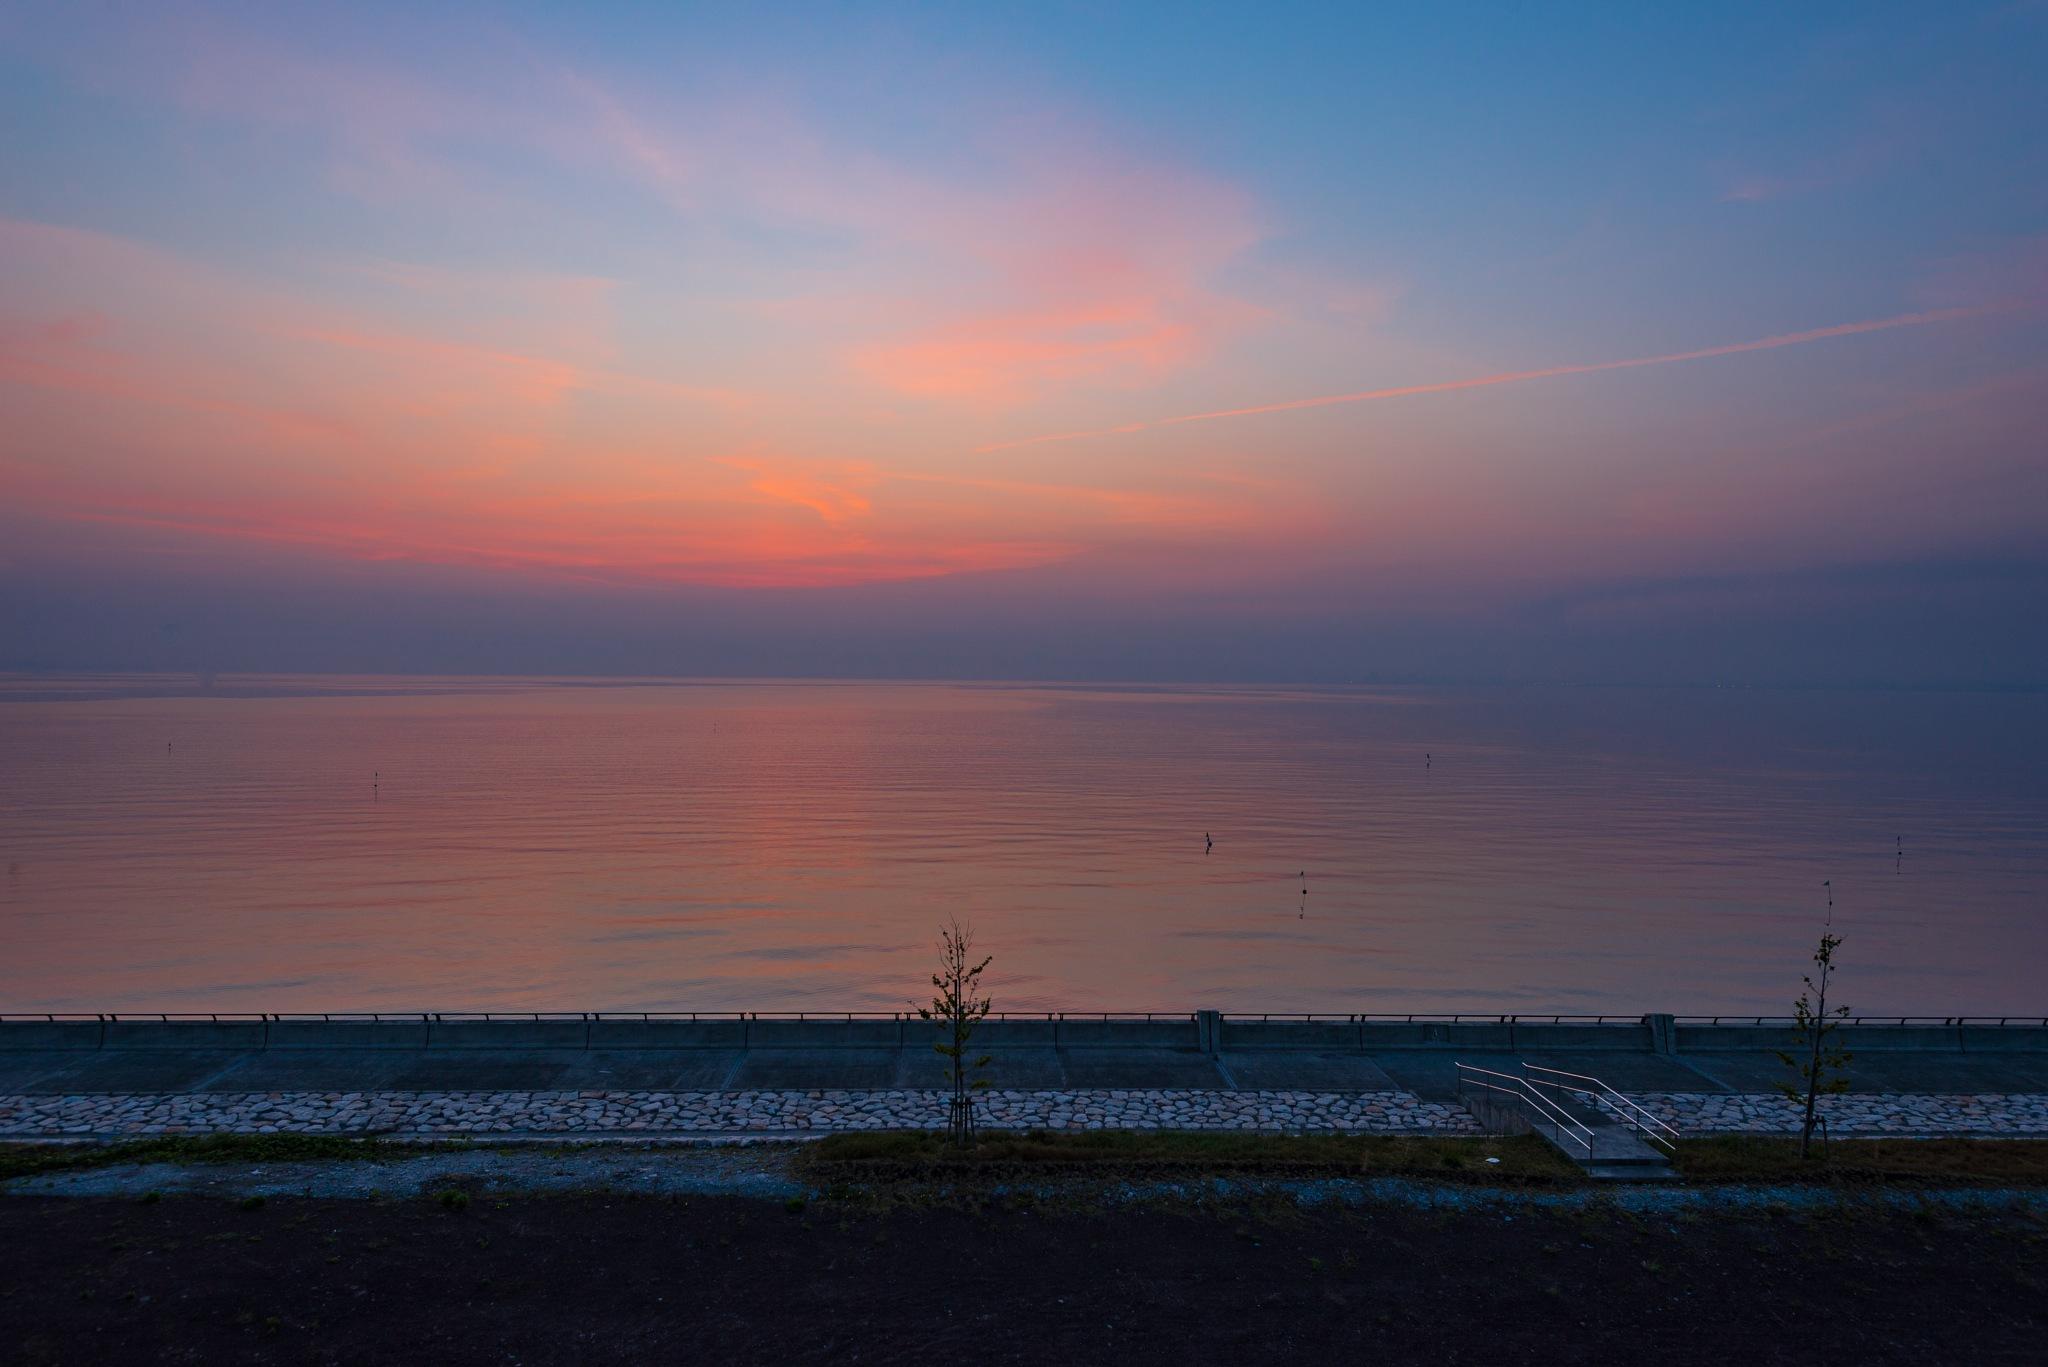 Sunrise at Beppu by Tat Hei Lambert Chan